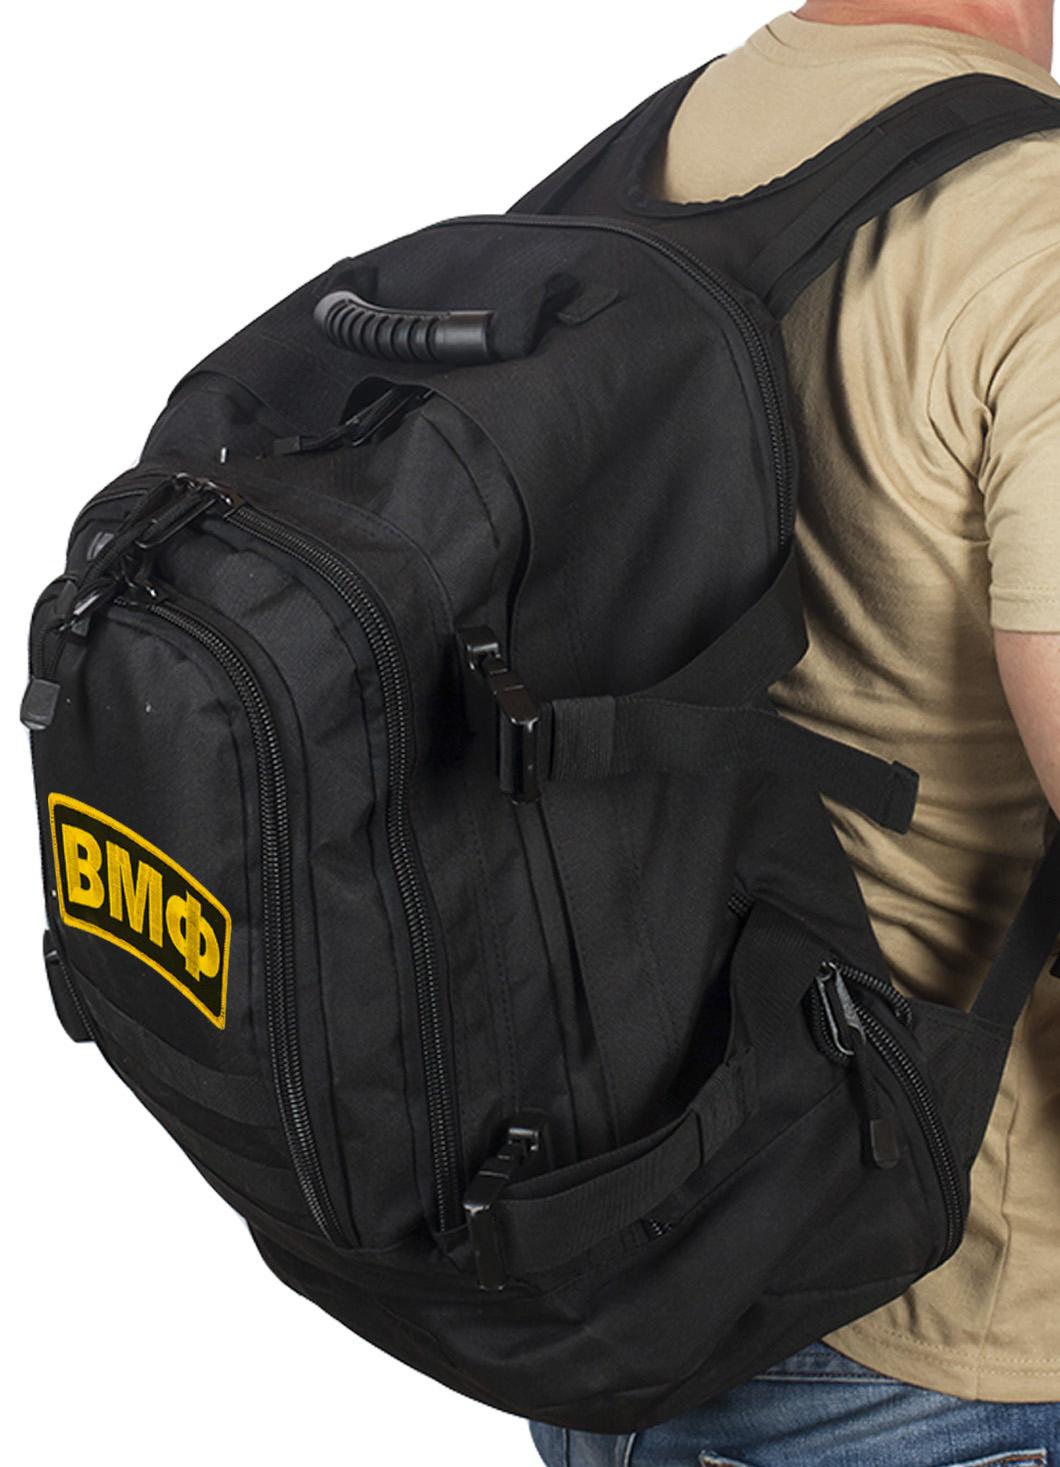 Черный универсальный рюкзак с нашивкой ВМФ - купить выгодно